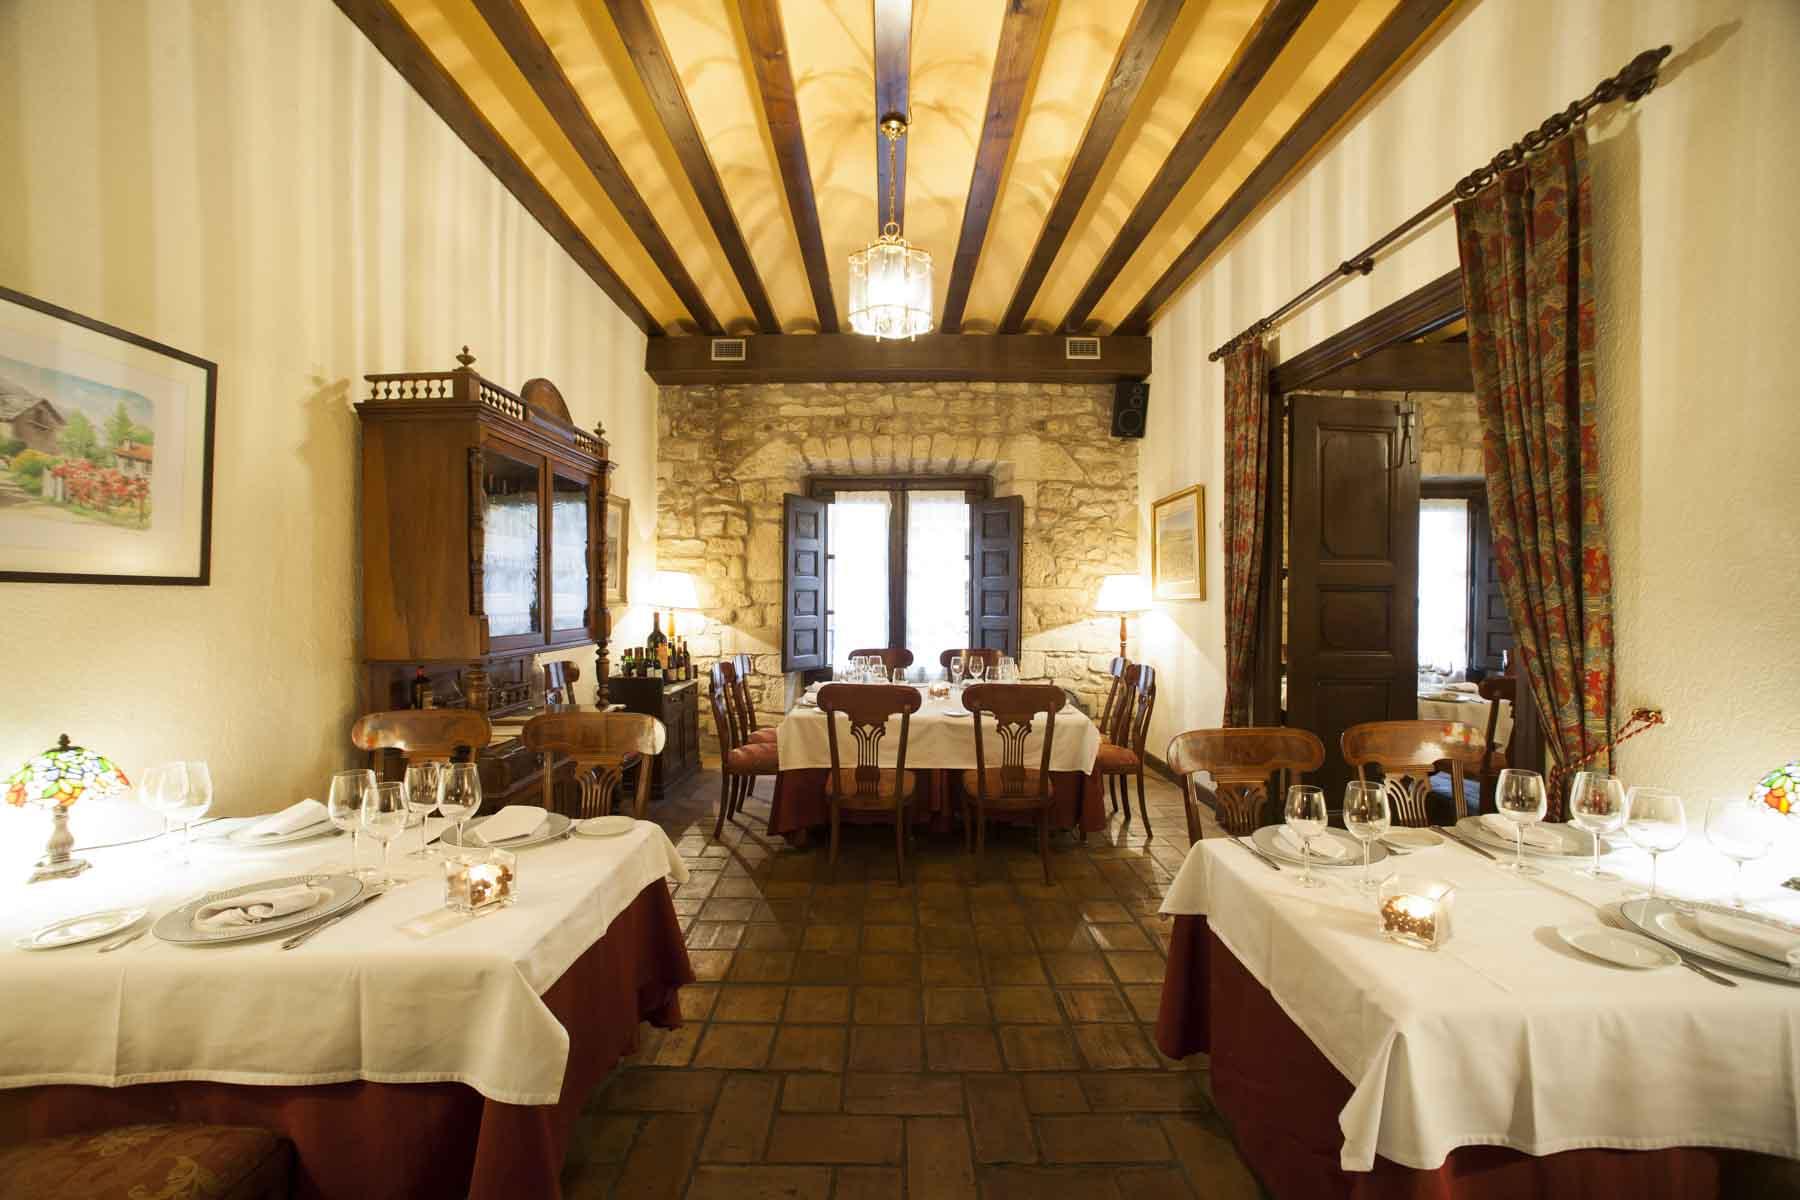 El comedor del Restaurante Hotel Posada Mayor de Migueloa vacio y con las mesas preparadas